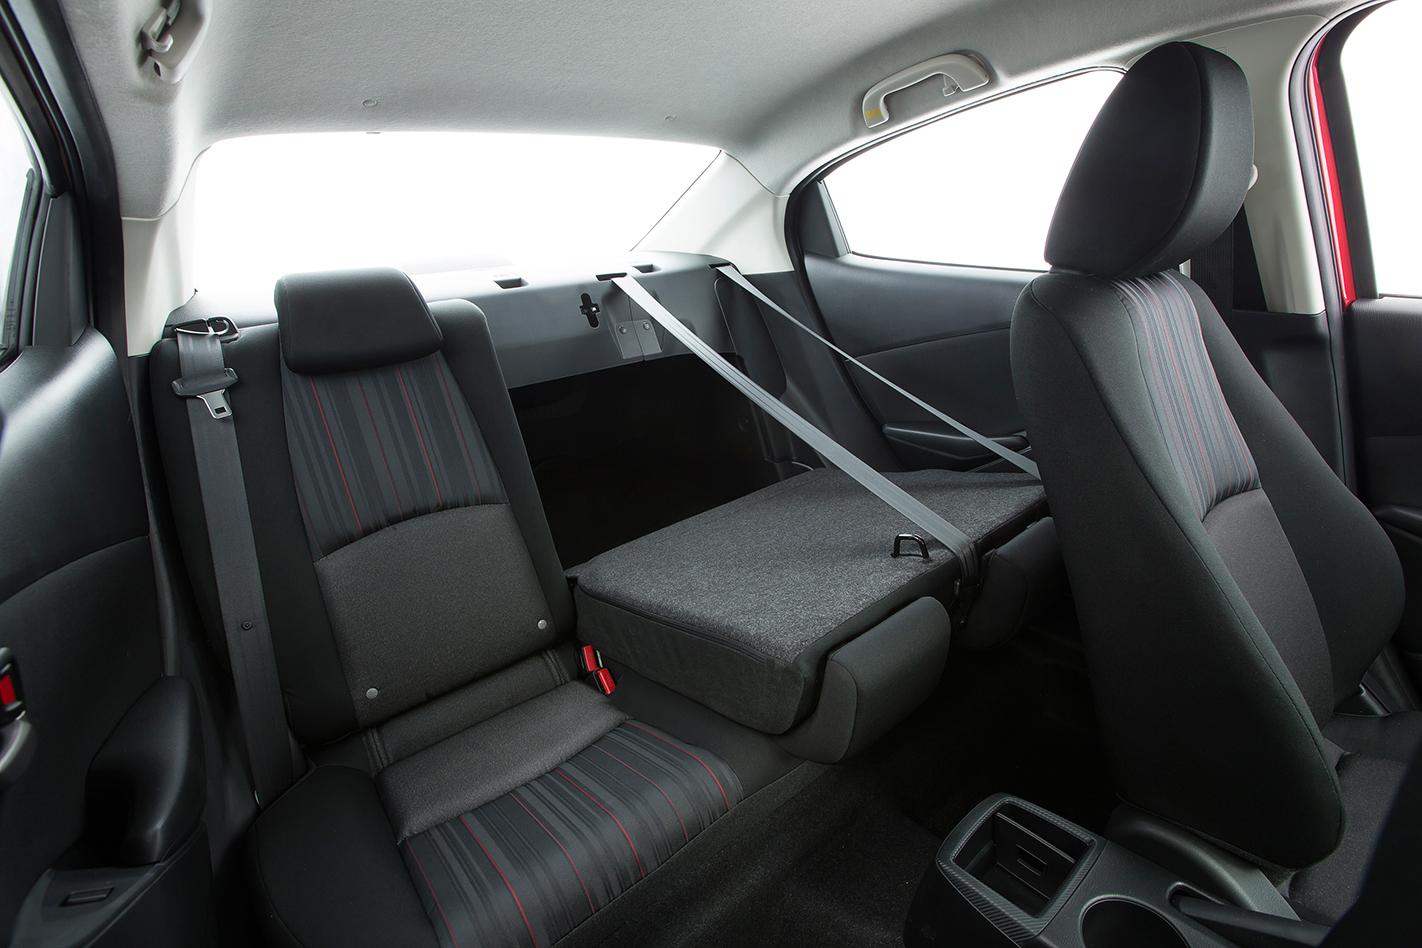 2015 Mazda 2 Sedan review